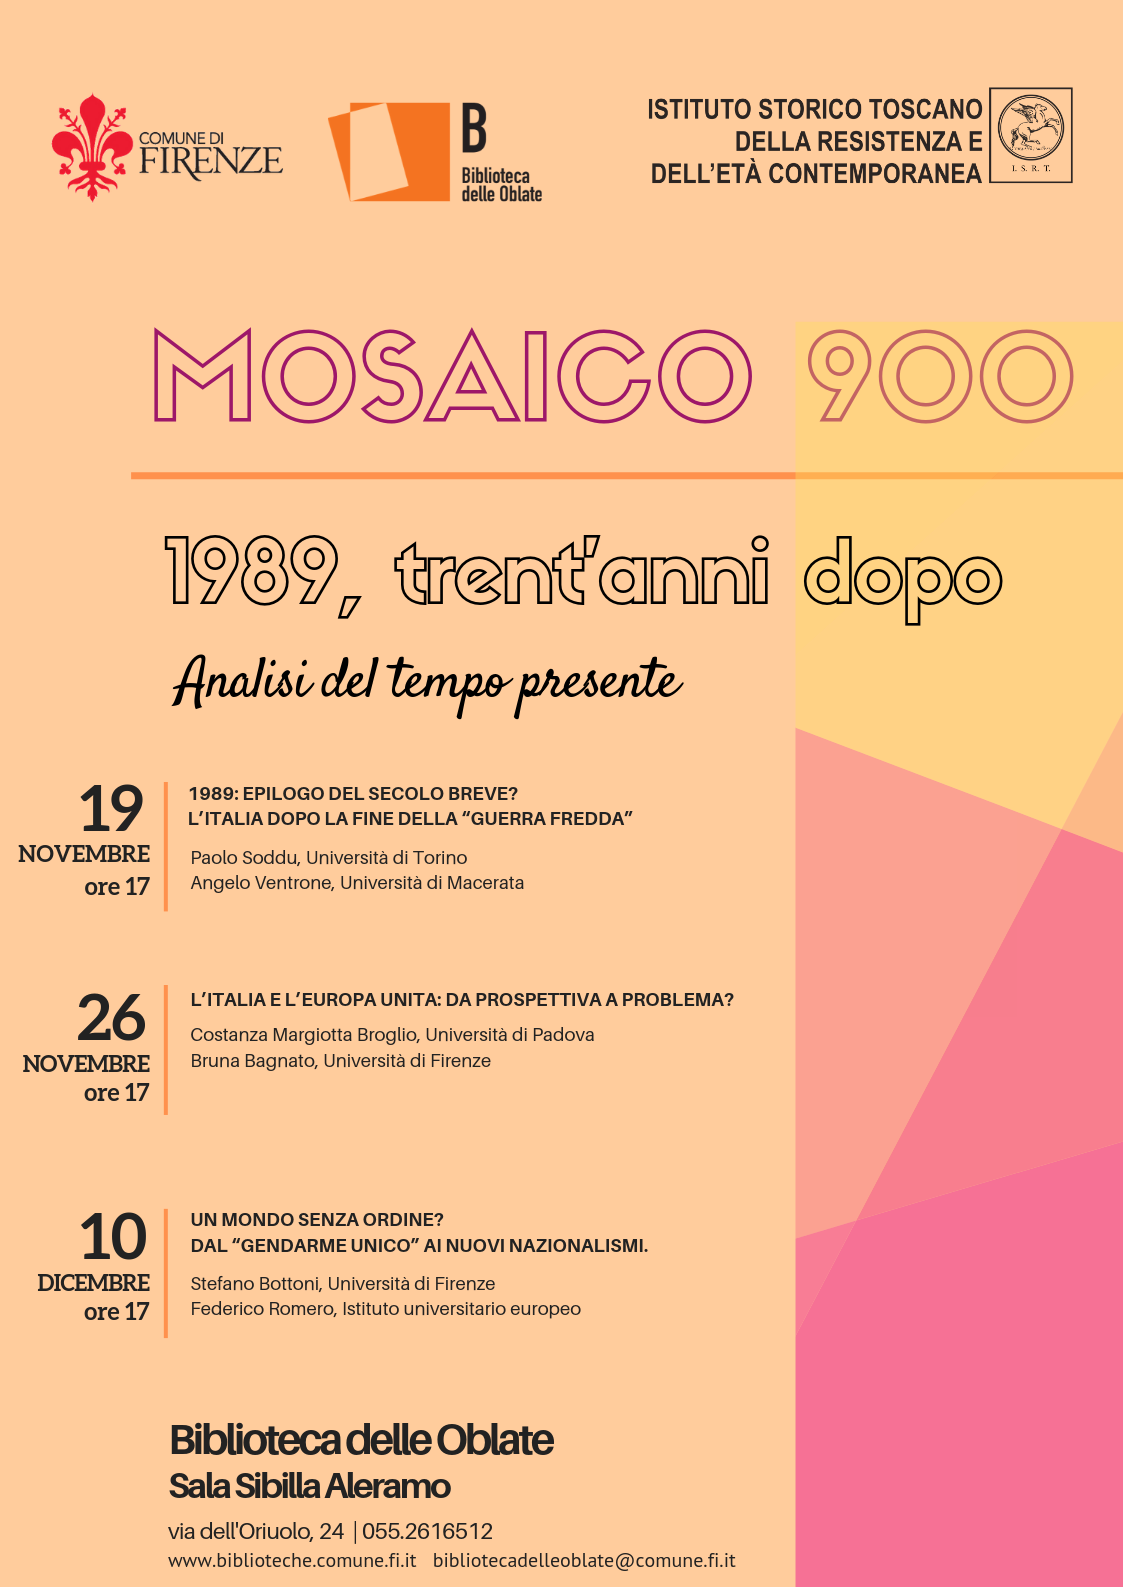 MOSAICO 900 2019